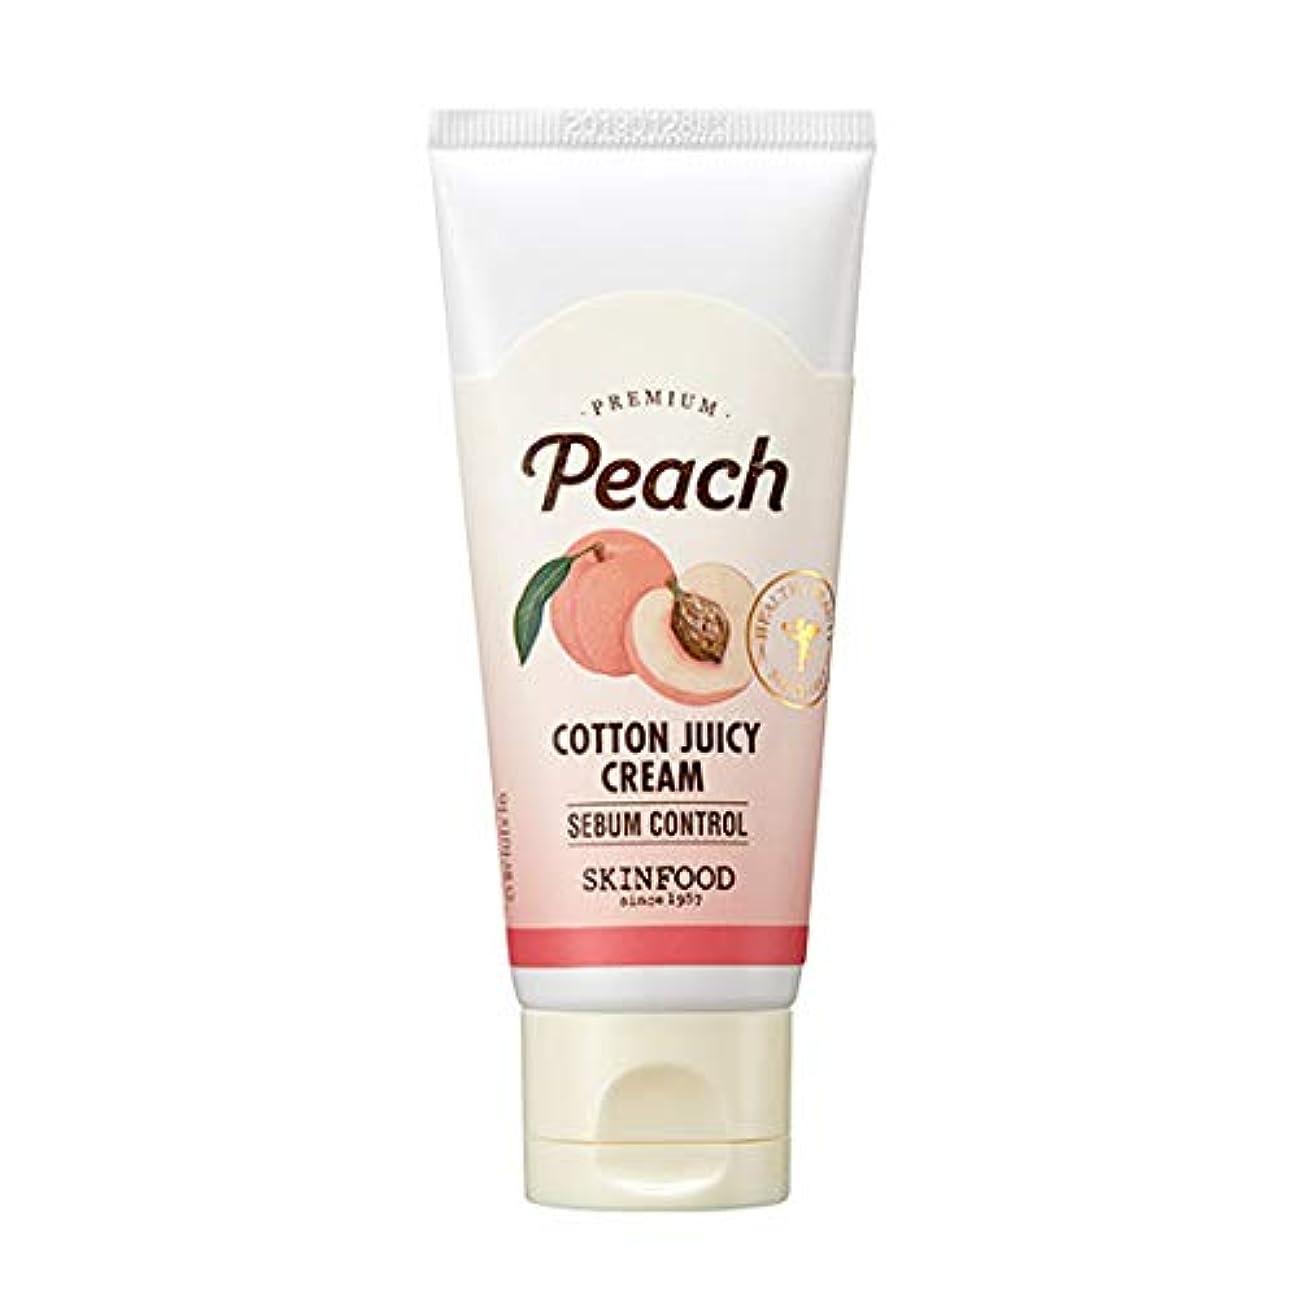 代理店ハロウィン出来事Skinfood プレミアムピーチコットンジューシークリーム/Premium Peach Cotton Juicy Cream 60ml [並行輸入品]